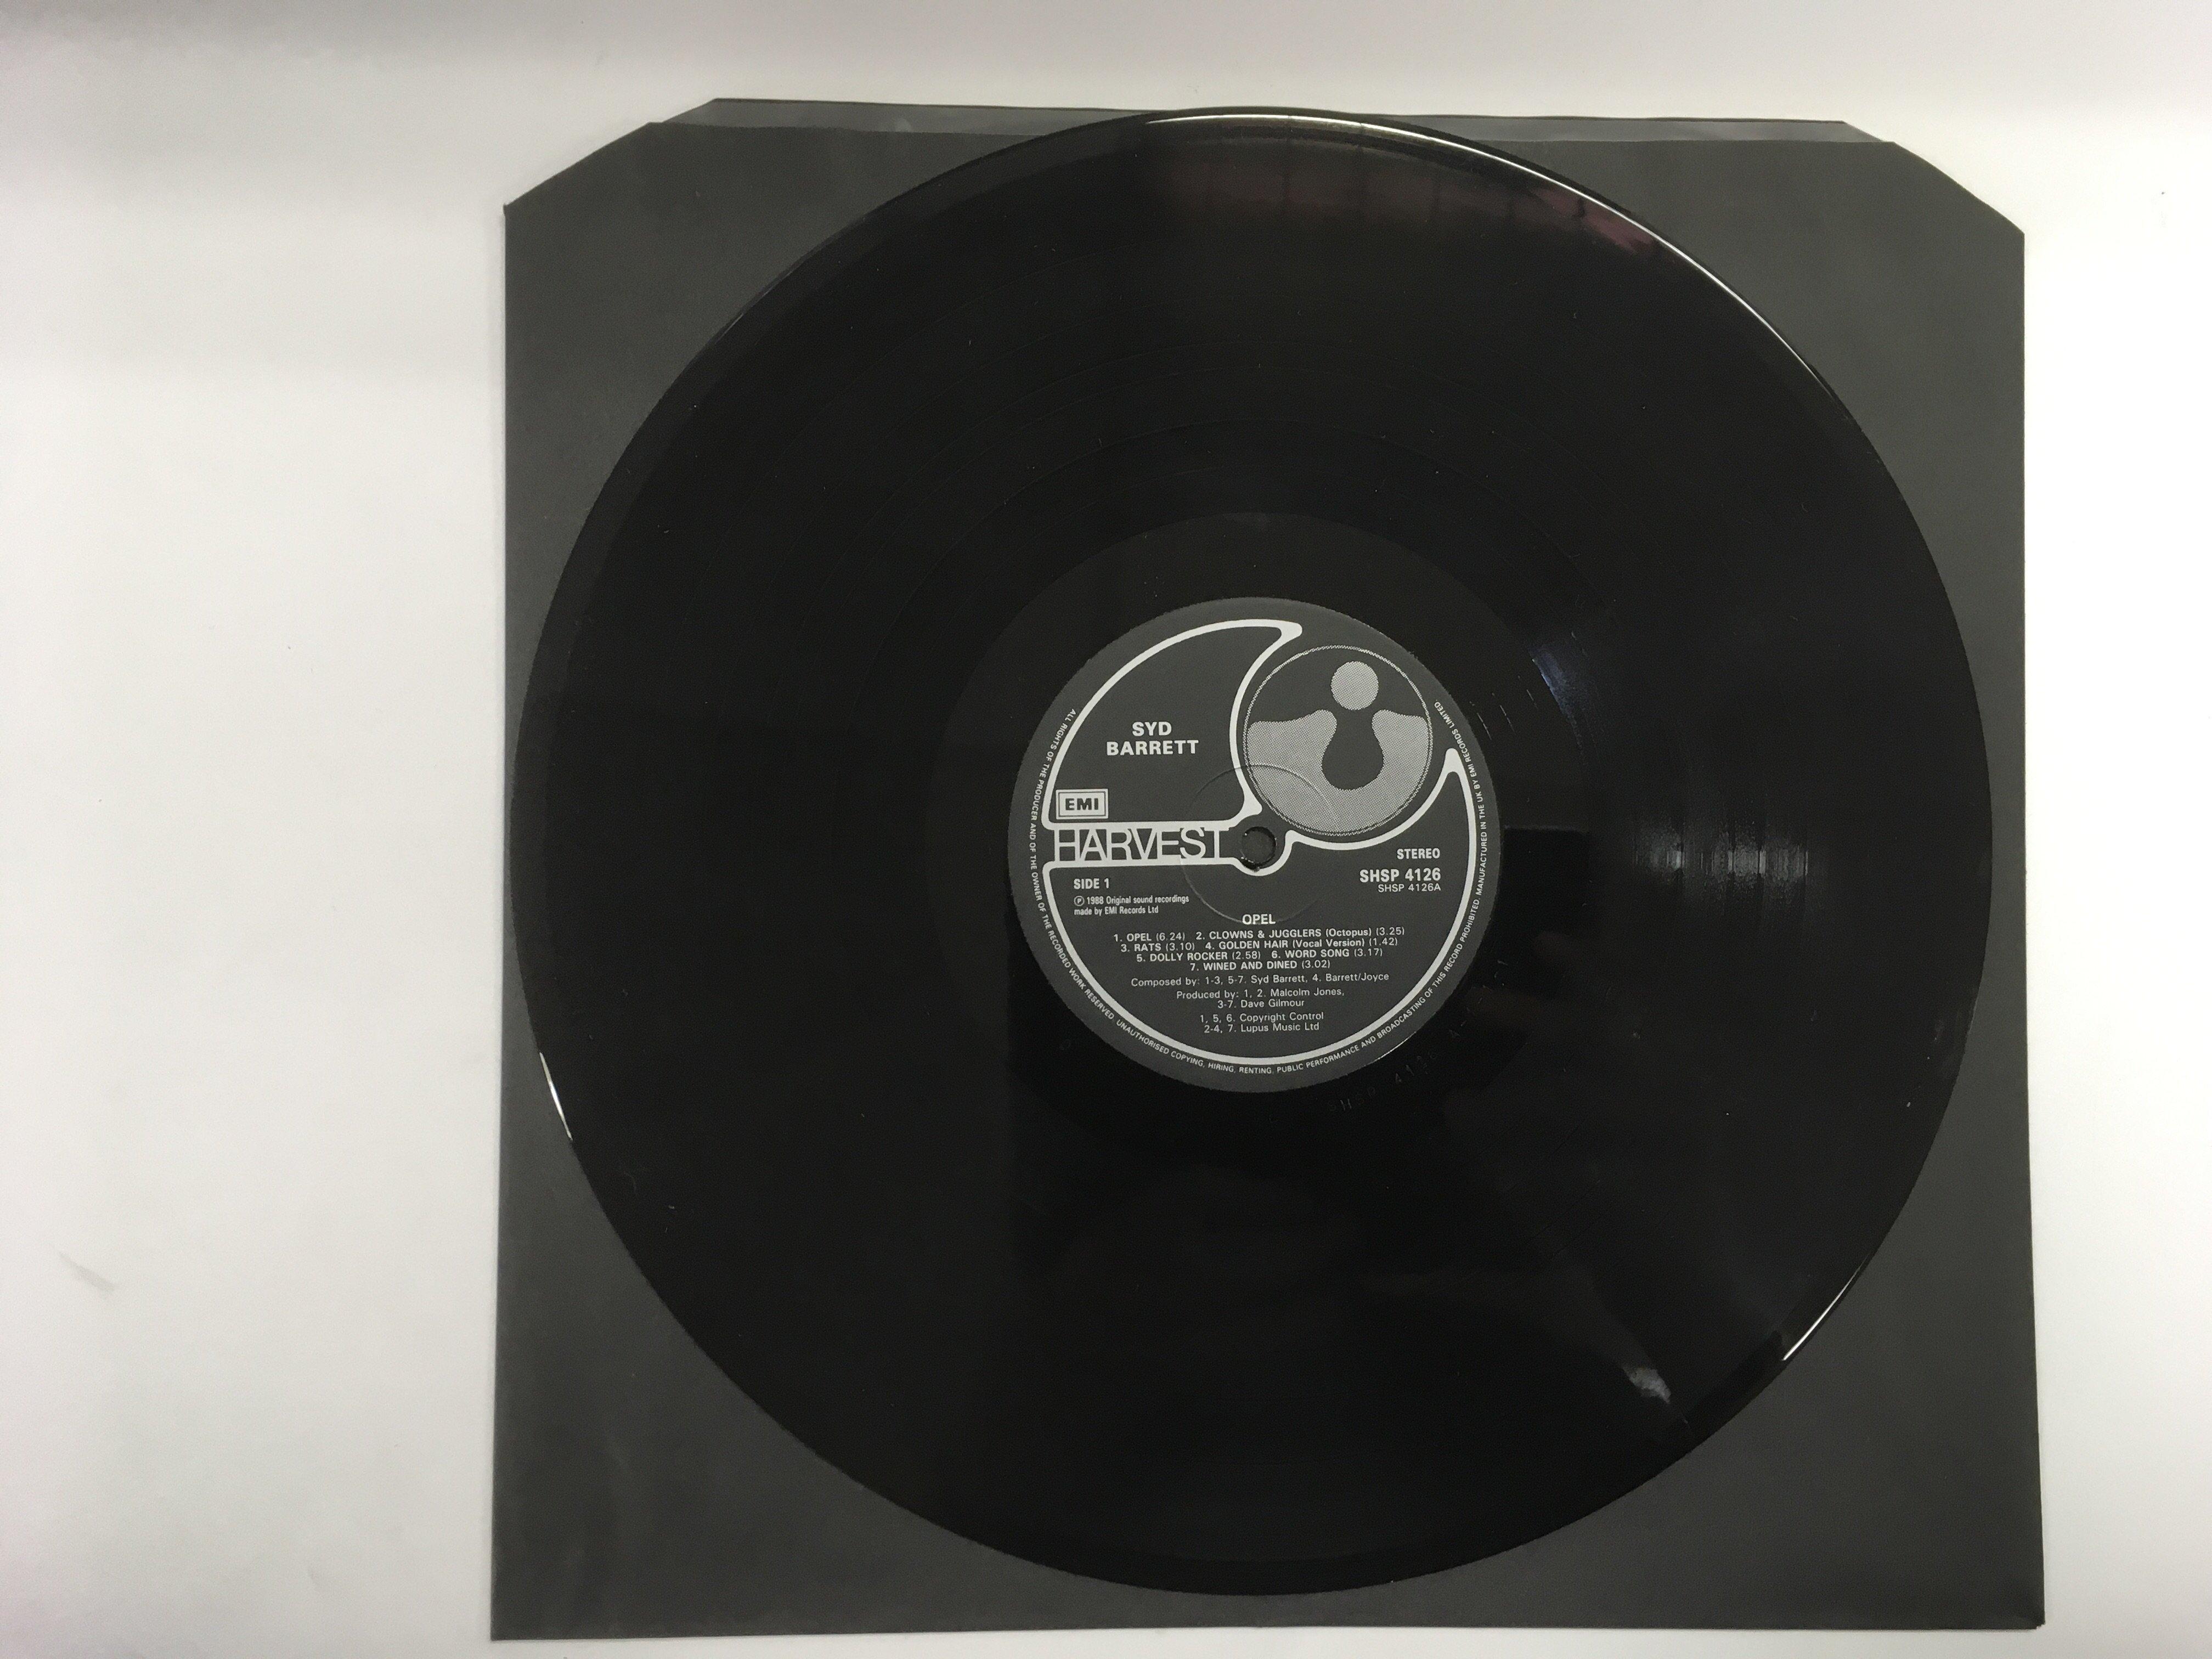 Lot 1761 - A near mint 1988 issue of the Syd Barrett 'Opel' L